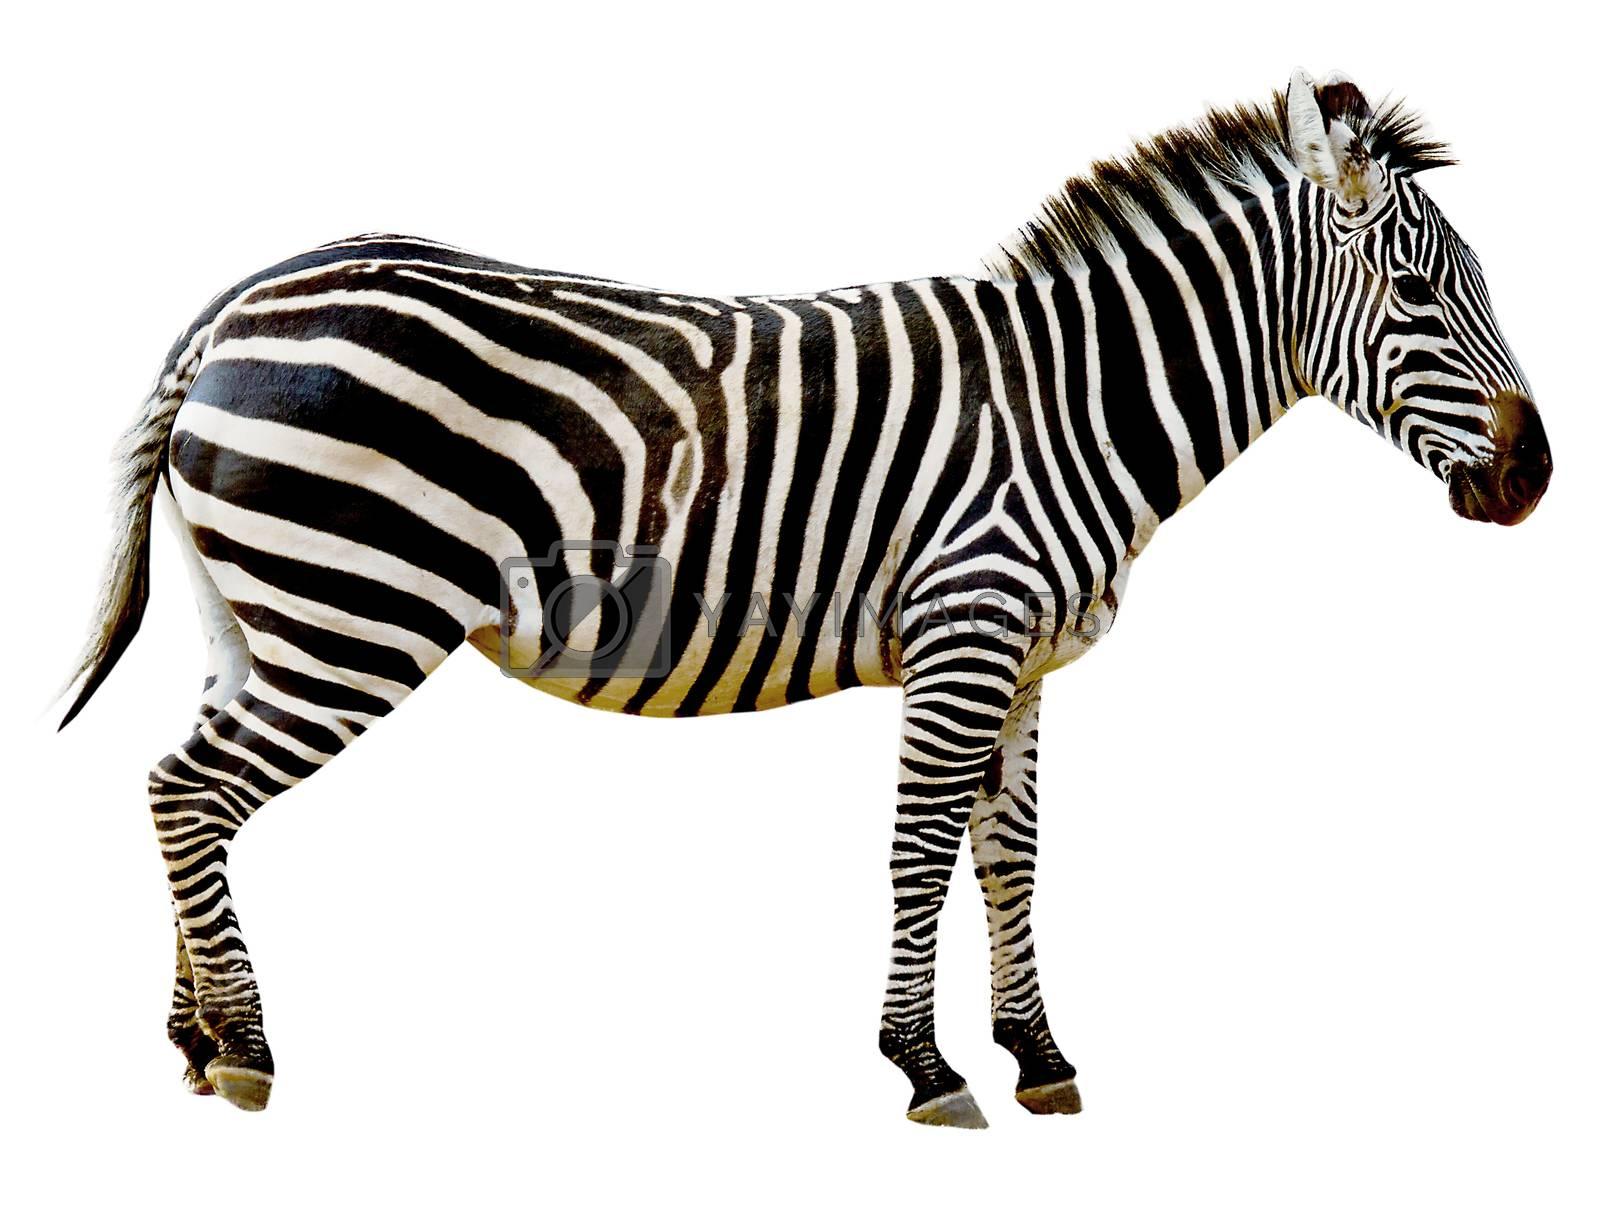 Wild zebra isolated on white background